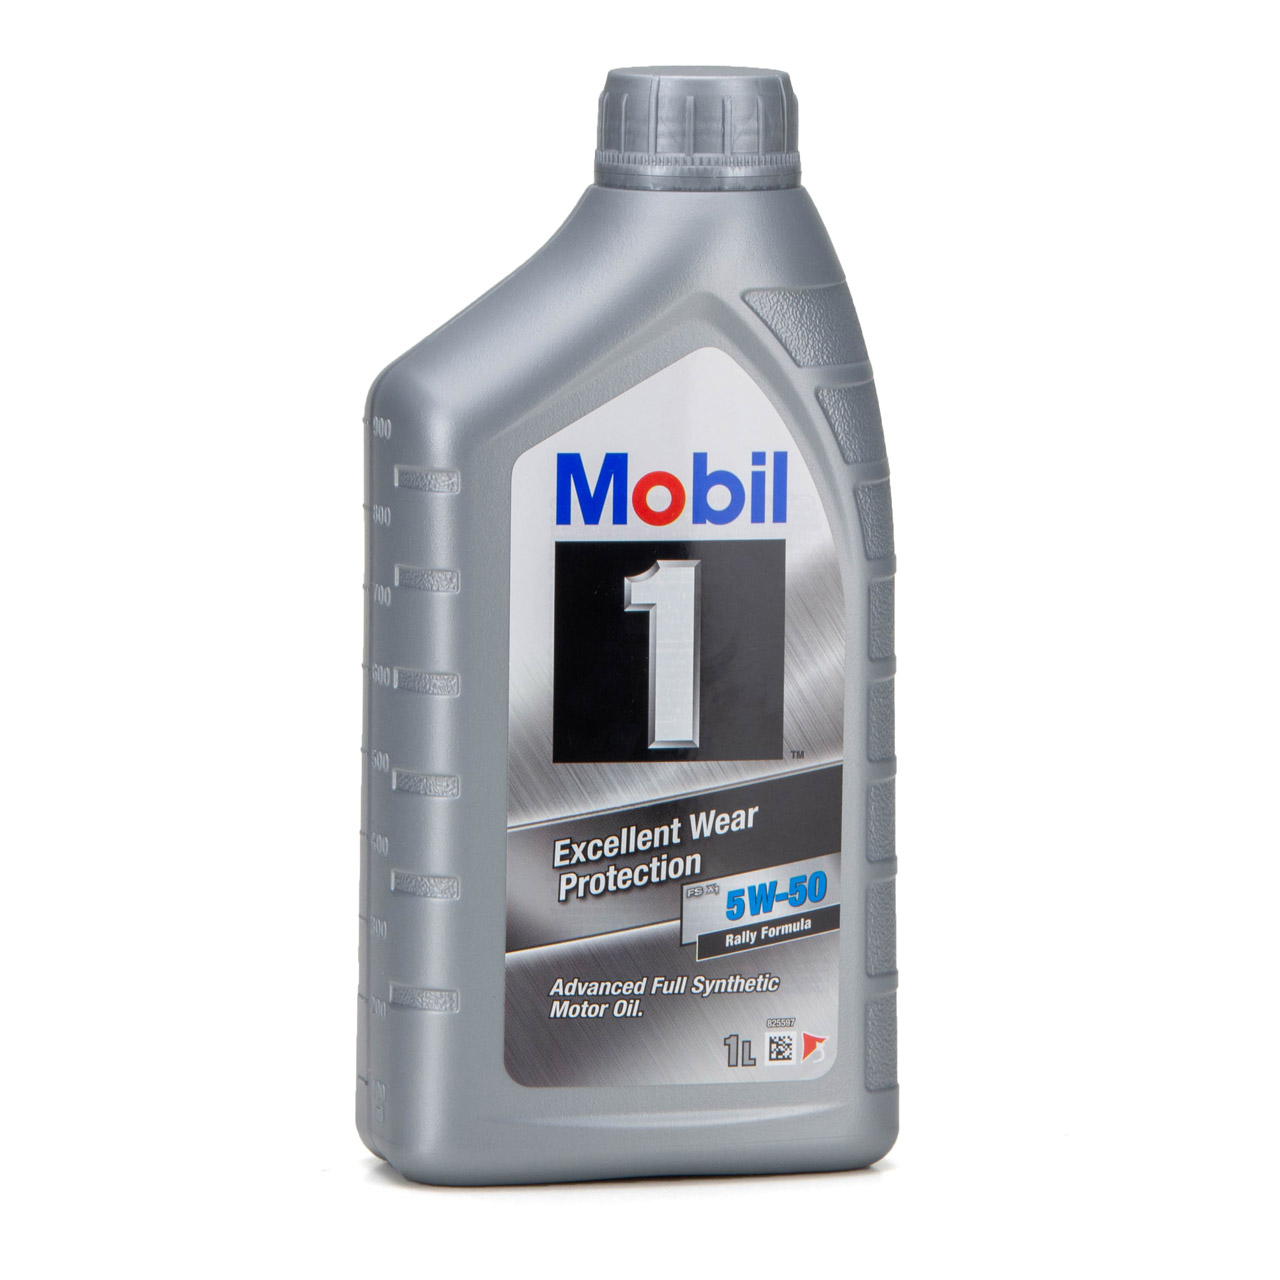 Mobil 1 FS X1 Motoröl Öl 5W-50 5W50 PORSCHE A40 MB 229.3 / 229.1 - 7L 7 Liter